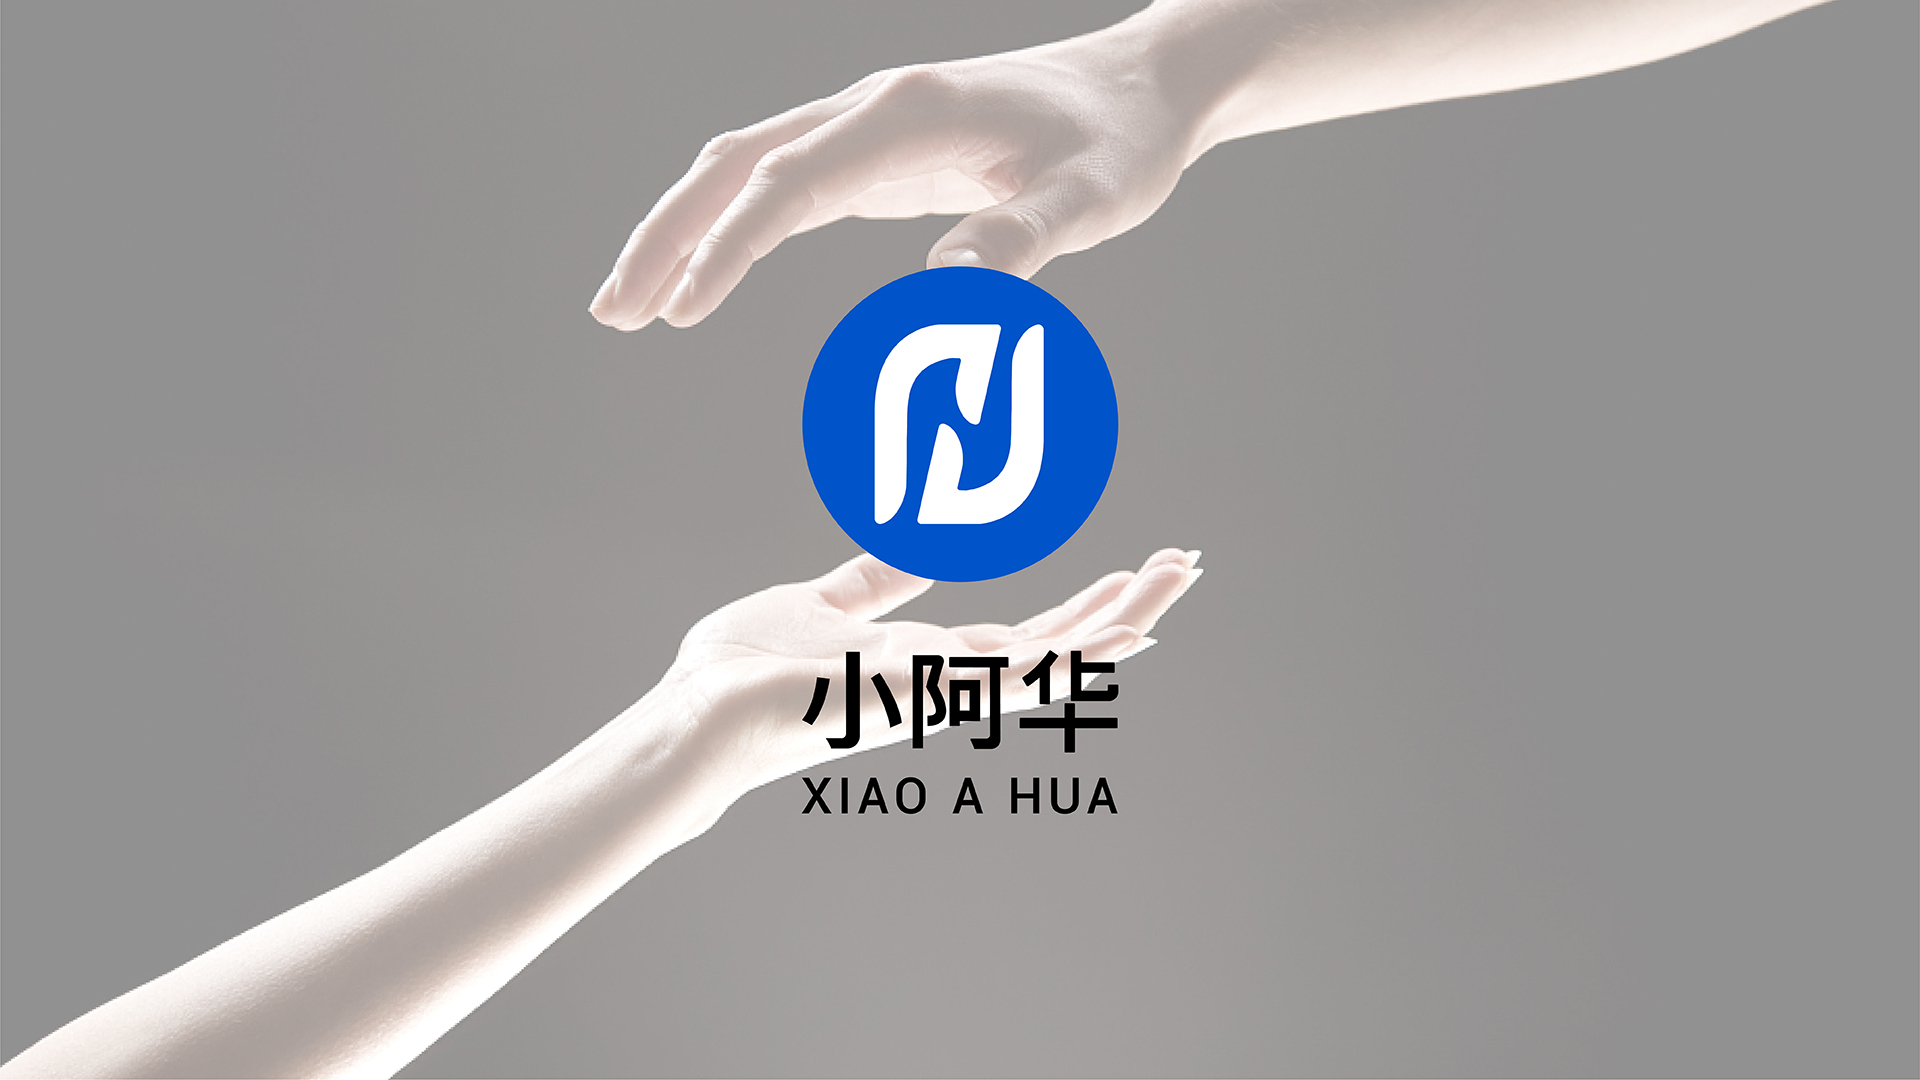 小阿华健康家政品牌logo设计带图效果